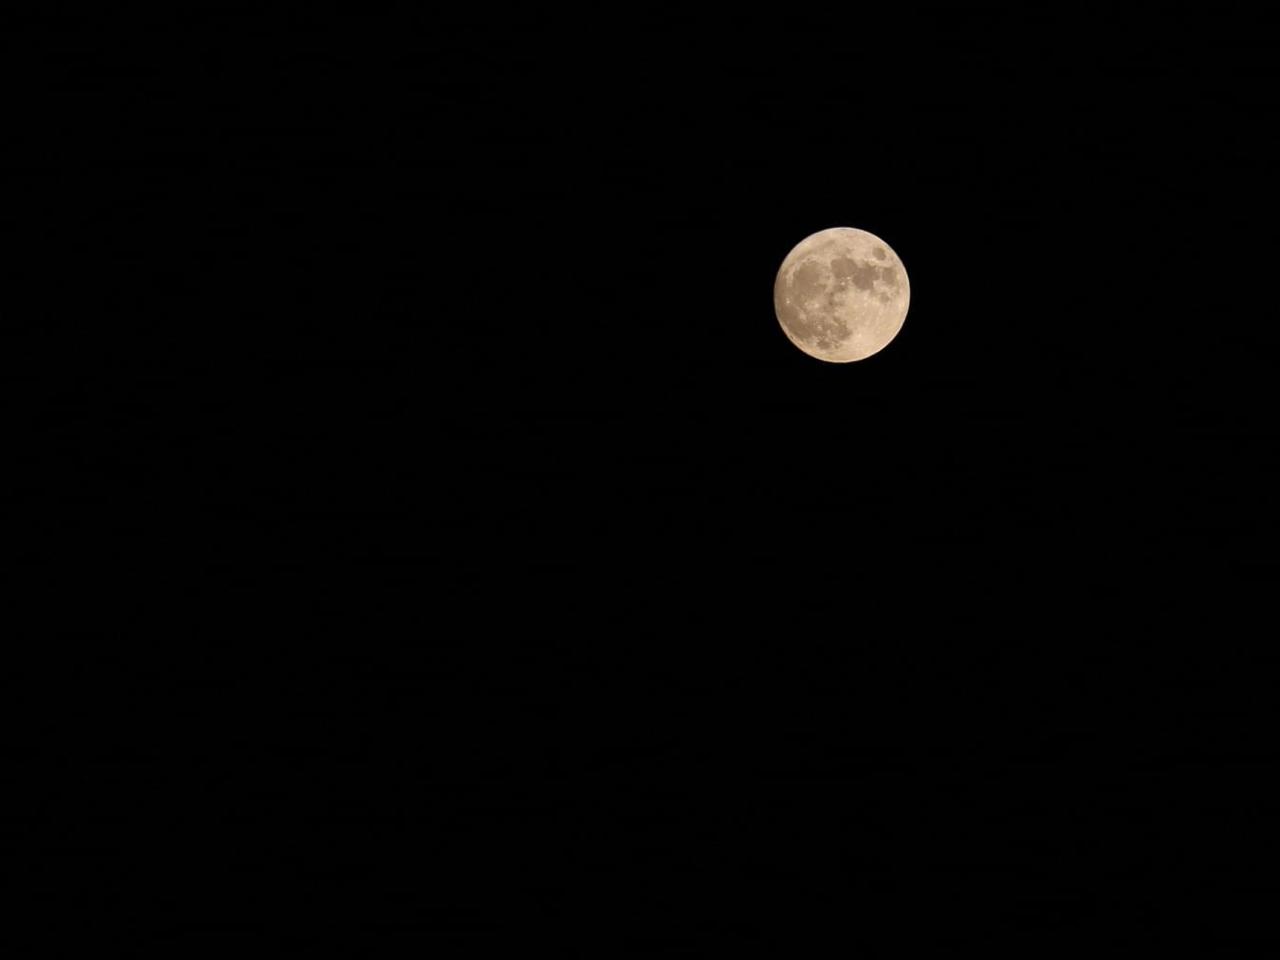 6758 - ソニー(株) 月の写真